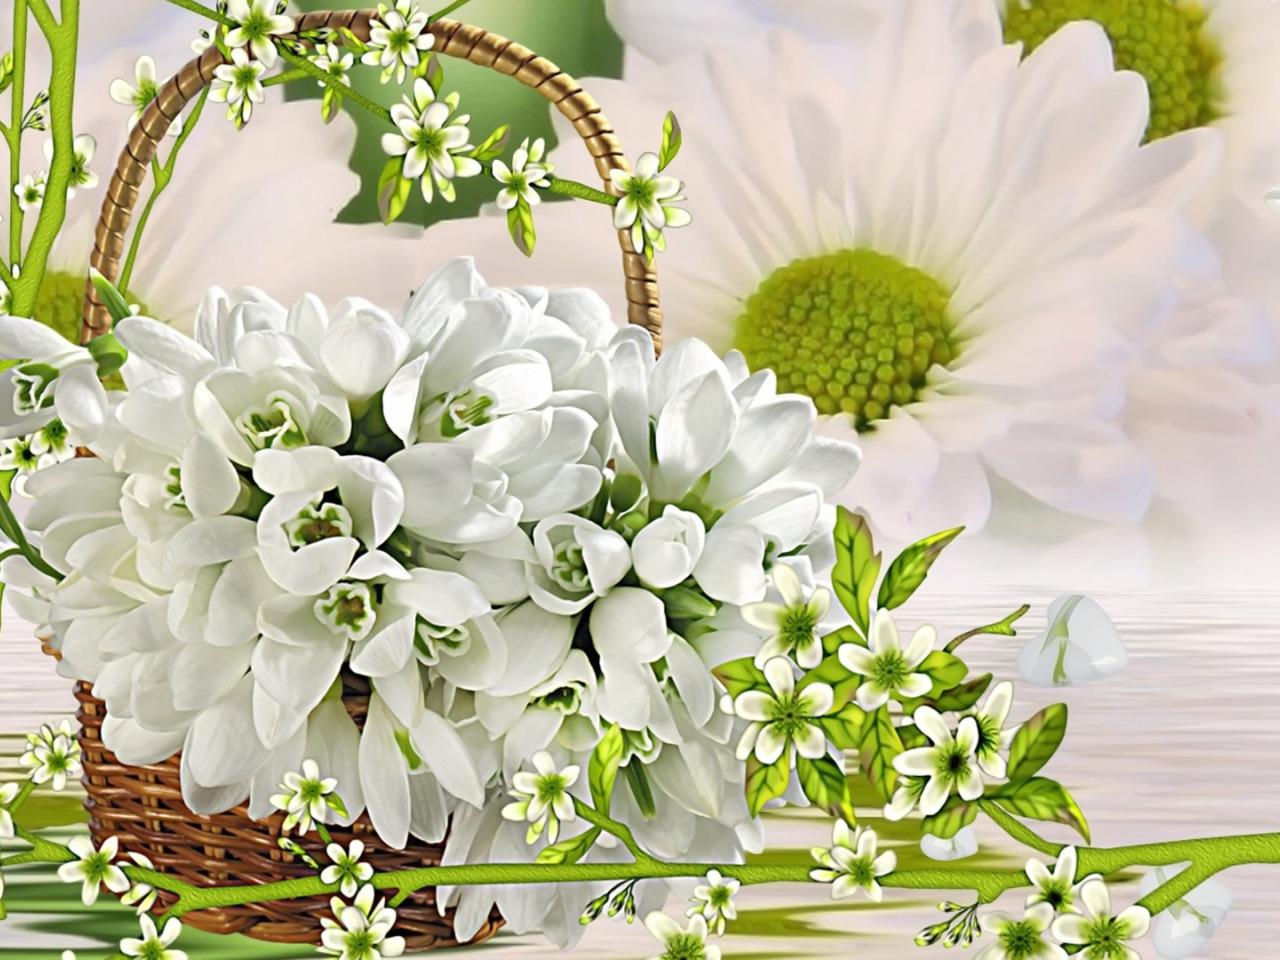 Открытка с днем рождения с тюльпанами и подснежниками